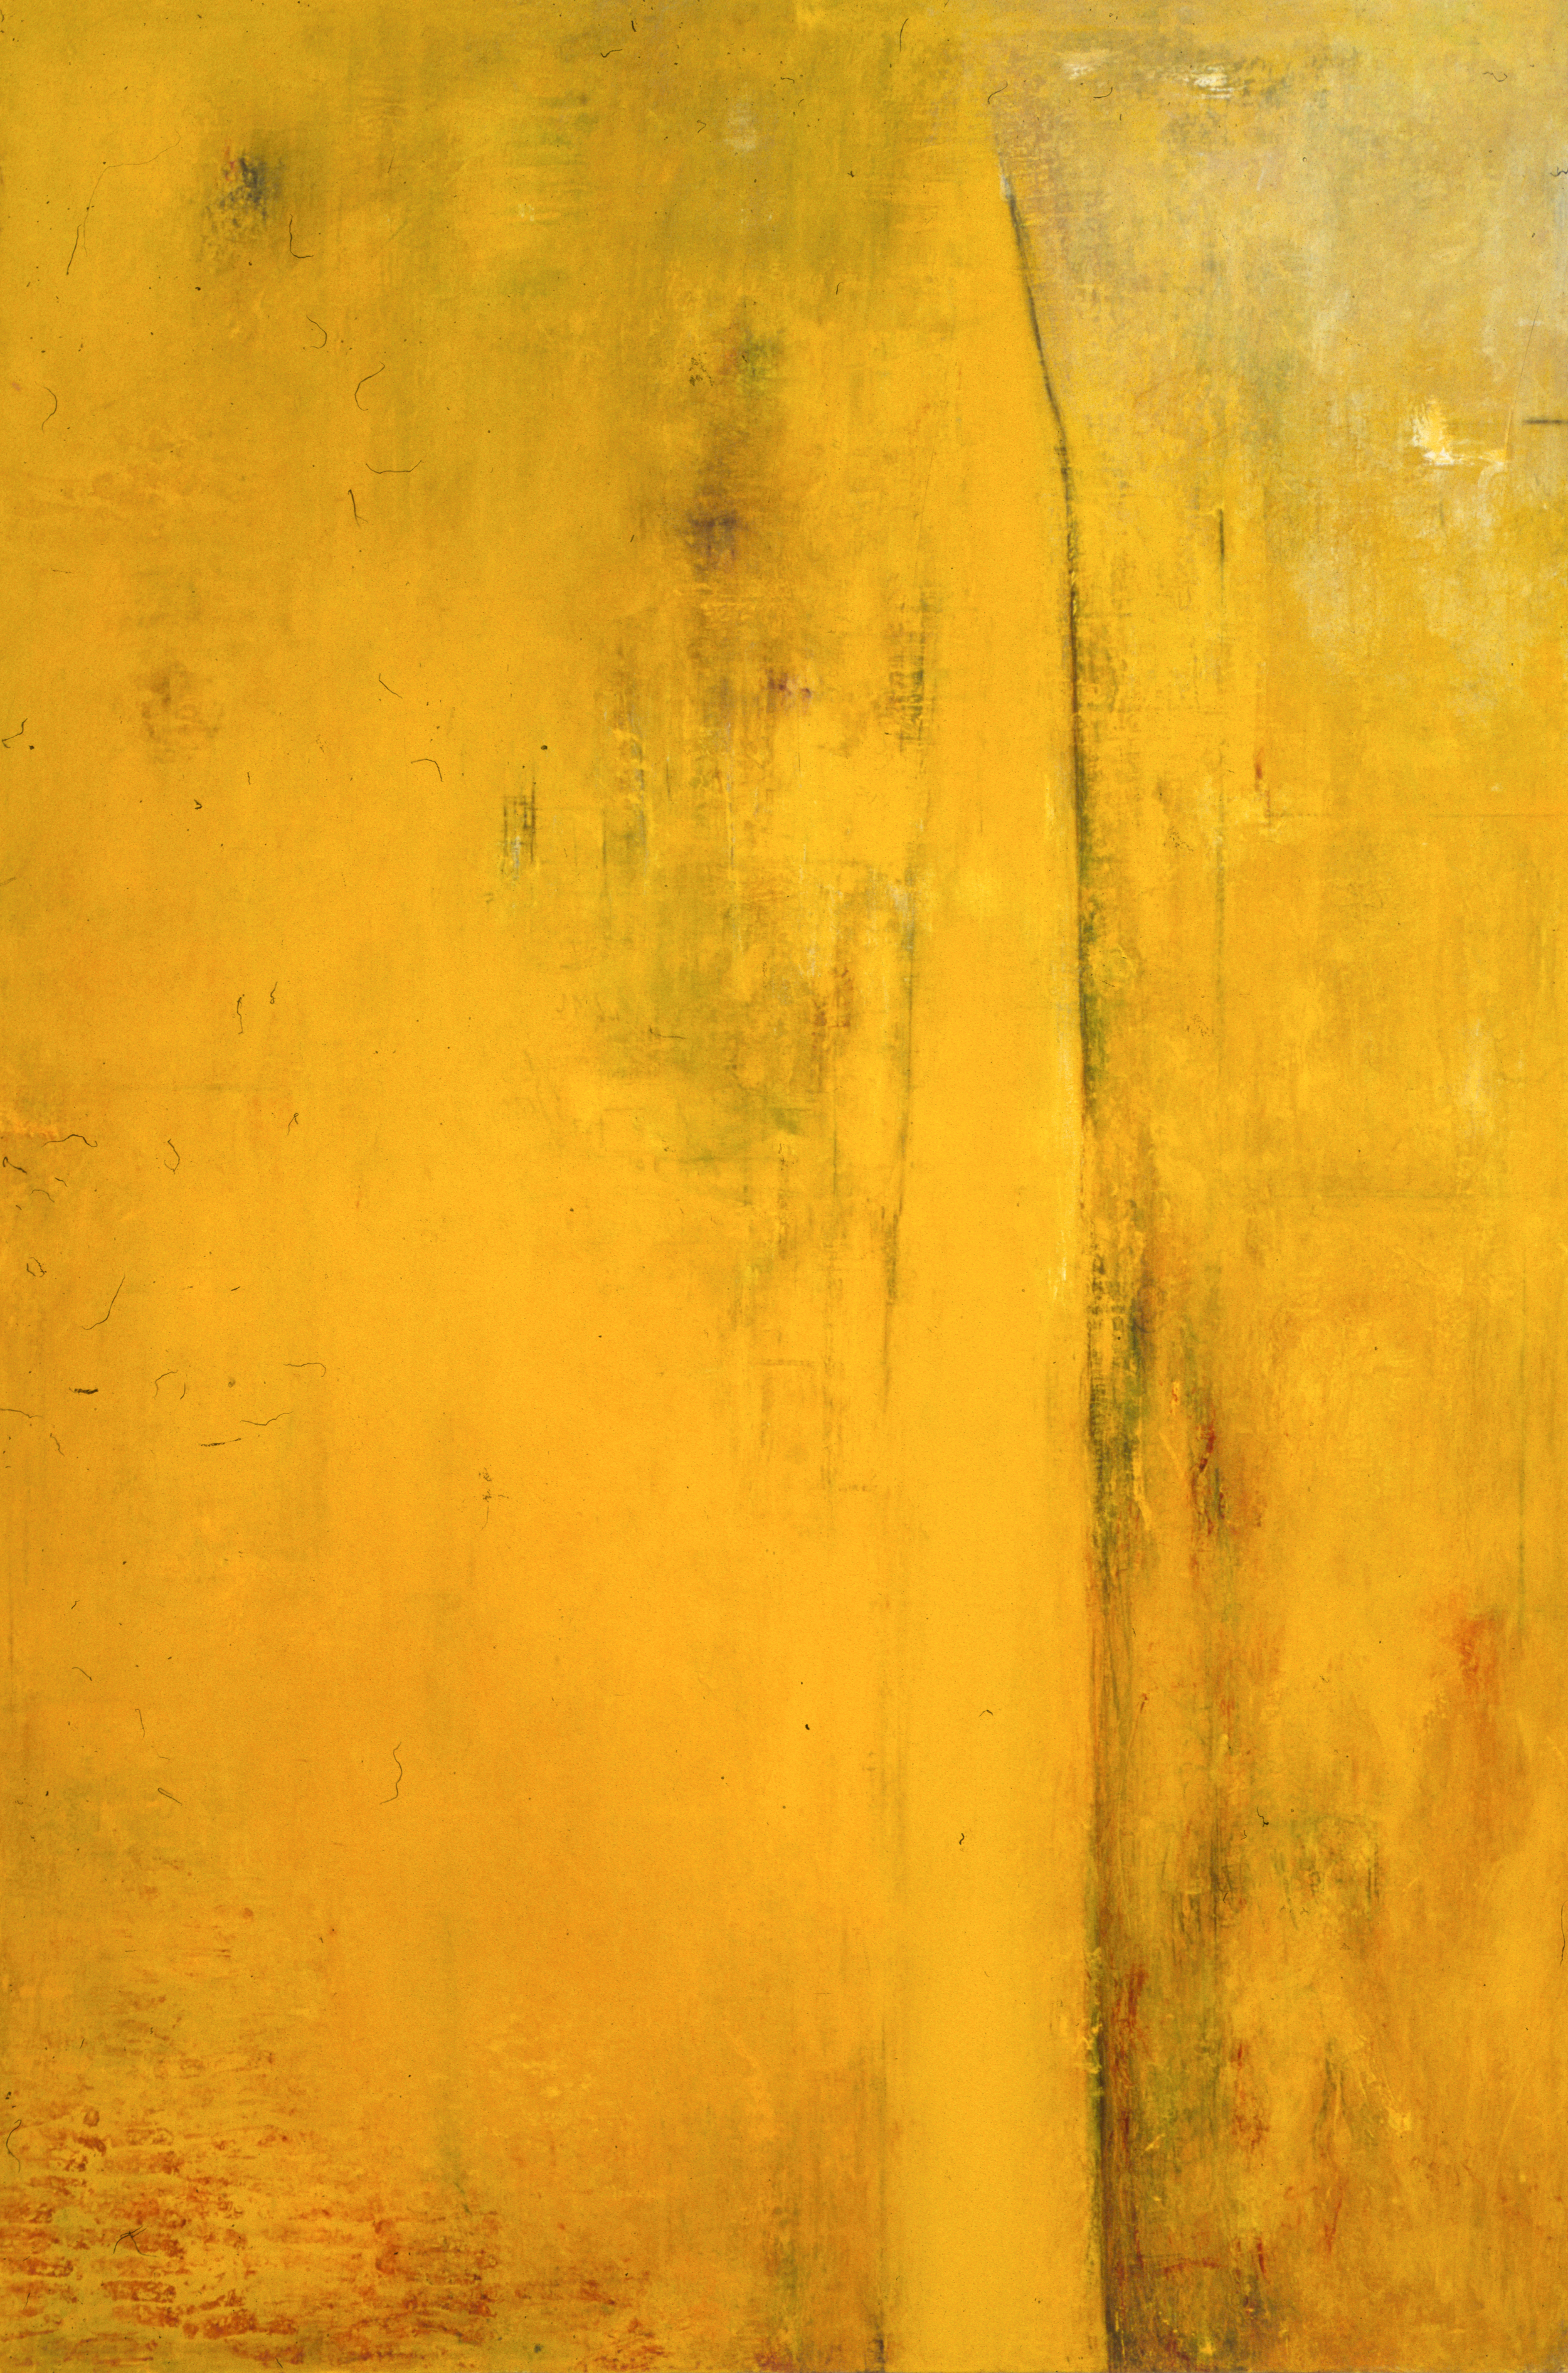 Yellow Tower